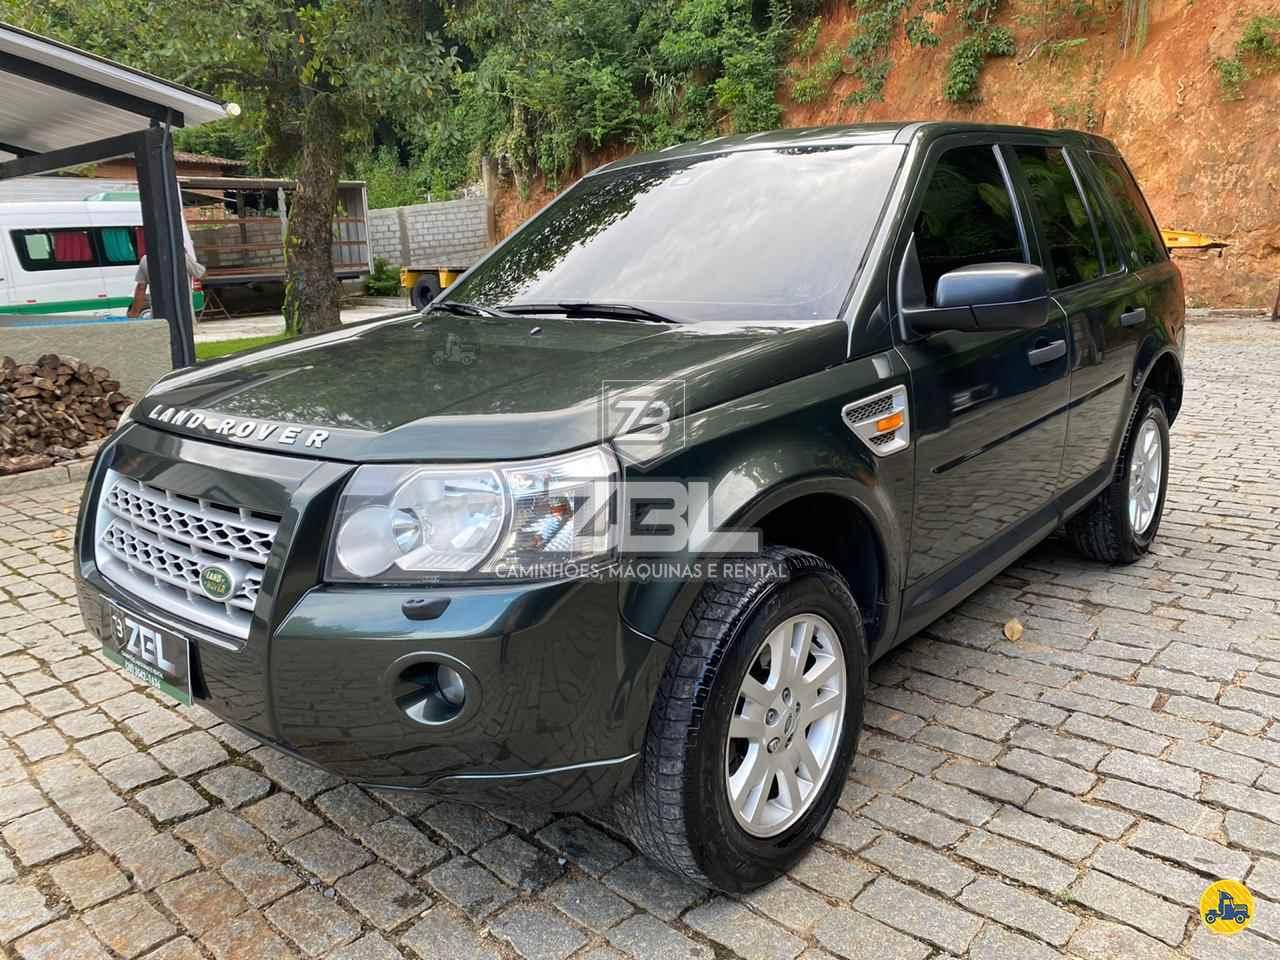 CARRO LAND ROVER Freelander2 3.2 SE ZBL Caminhões CASTELO ESPÍRITO SANTO ES